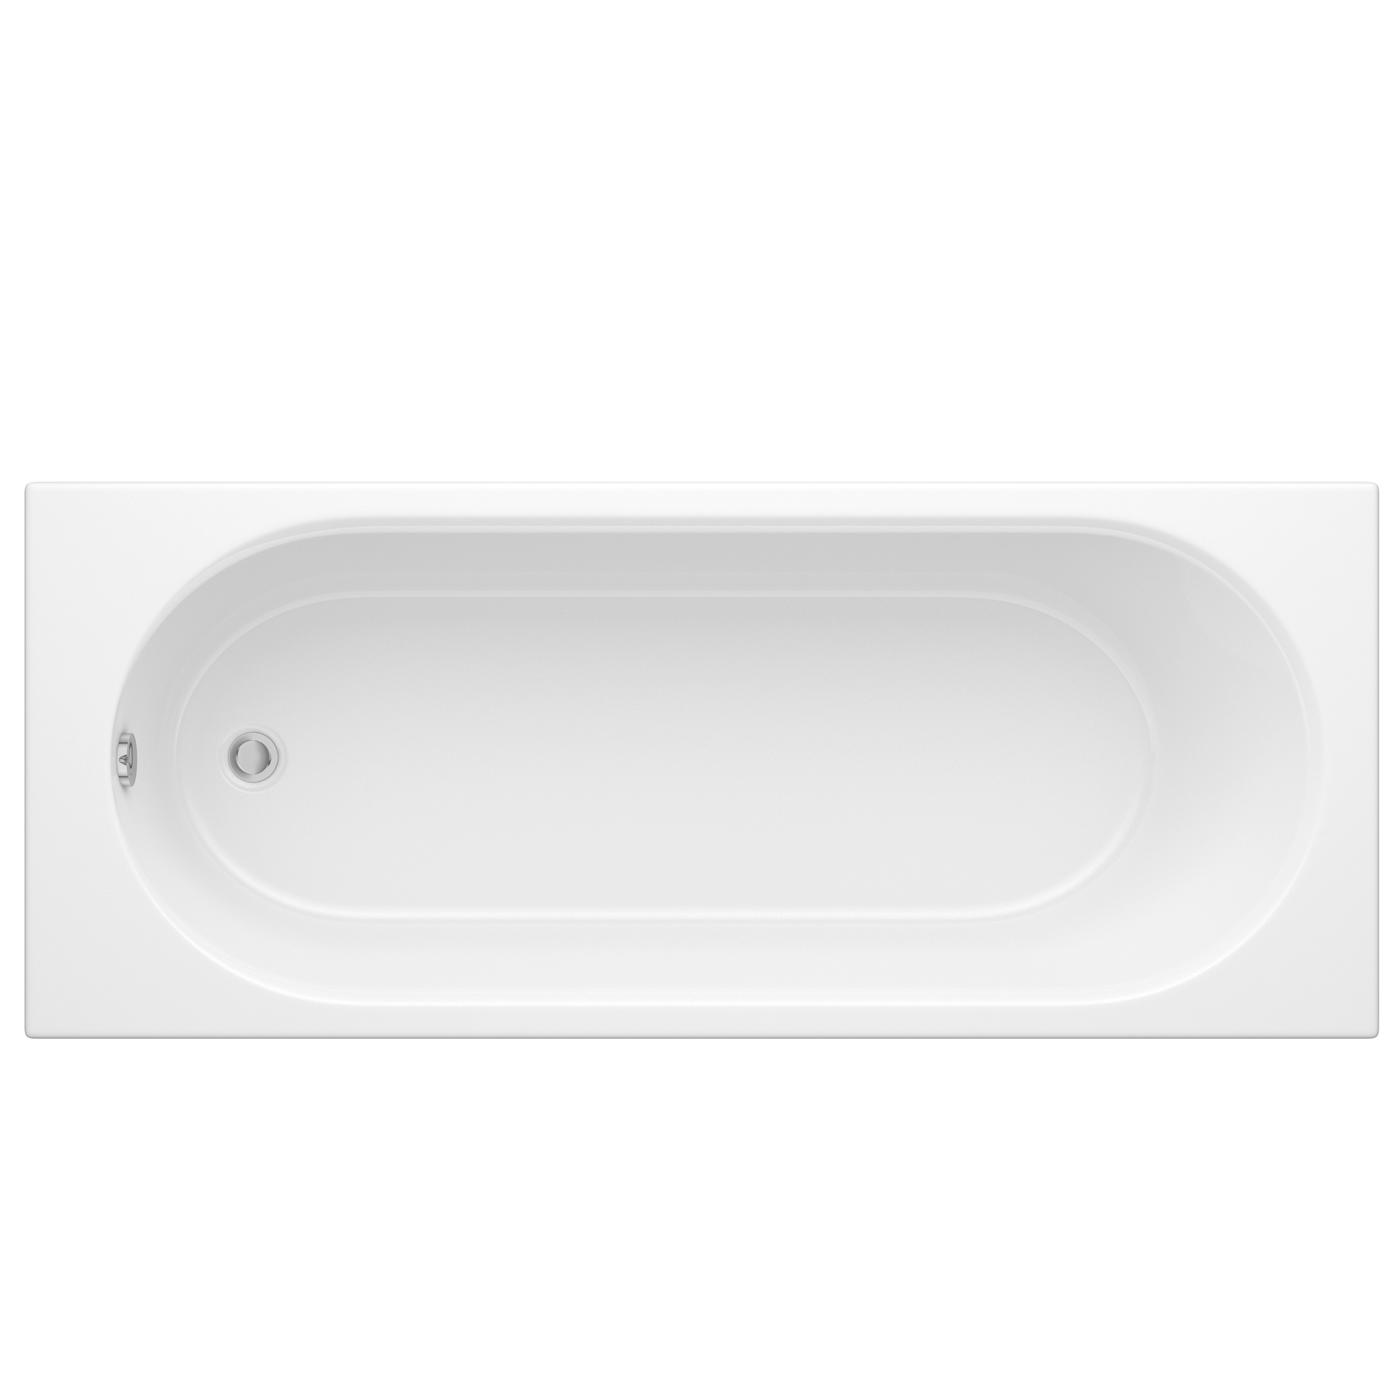 Vasca da Bagno Rettangolare in Acrilico 1700x700mm senza Pannello Vasca